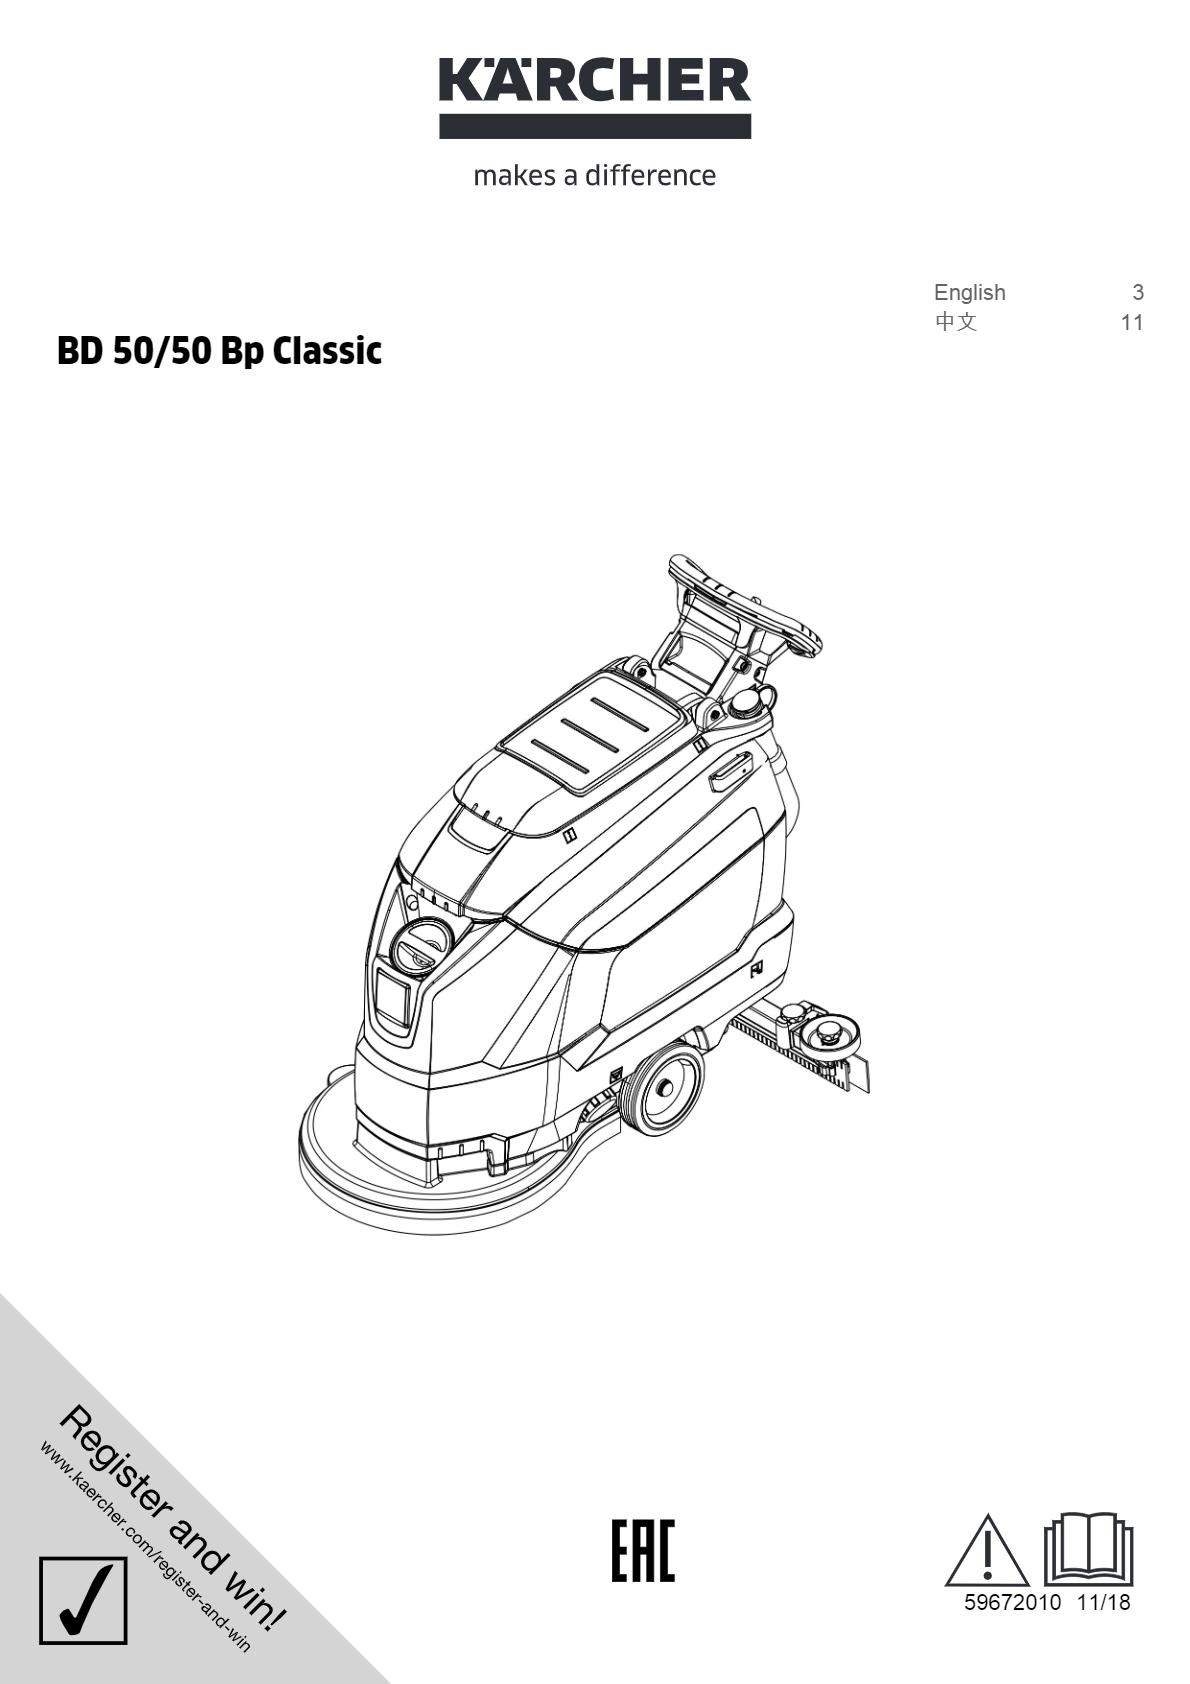 洗地吸干机 BD 50/50 Bp Classic 说明书下载